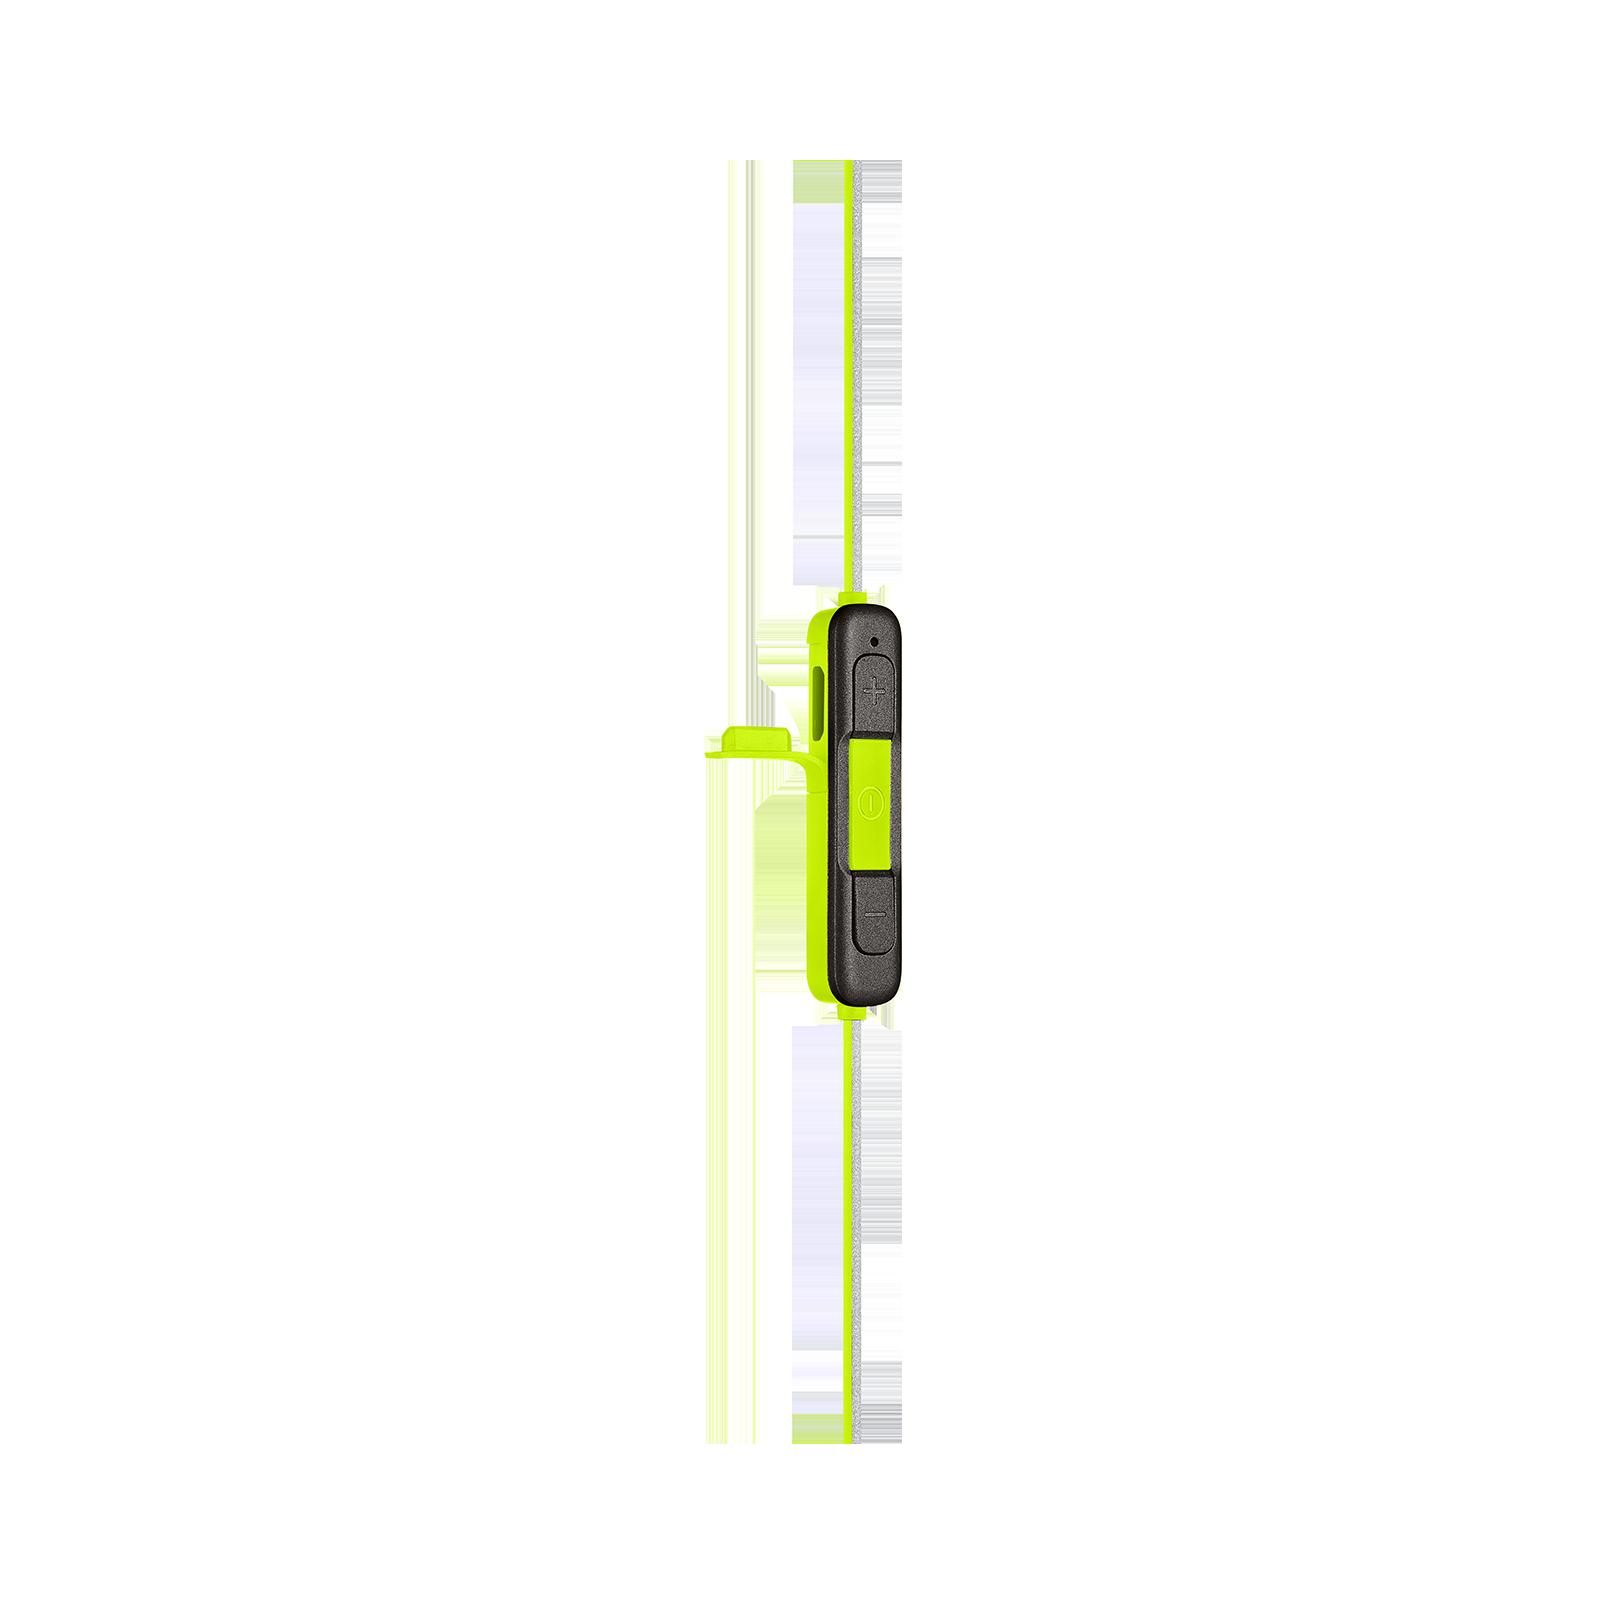 JBL REFLECT MINI 2 - Green - Lightweight Wireless Sport Headphones - Detailshot 4